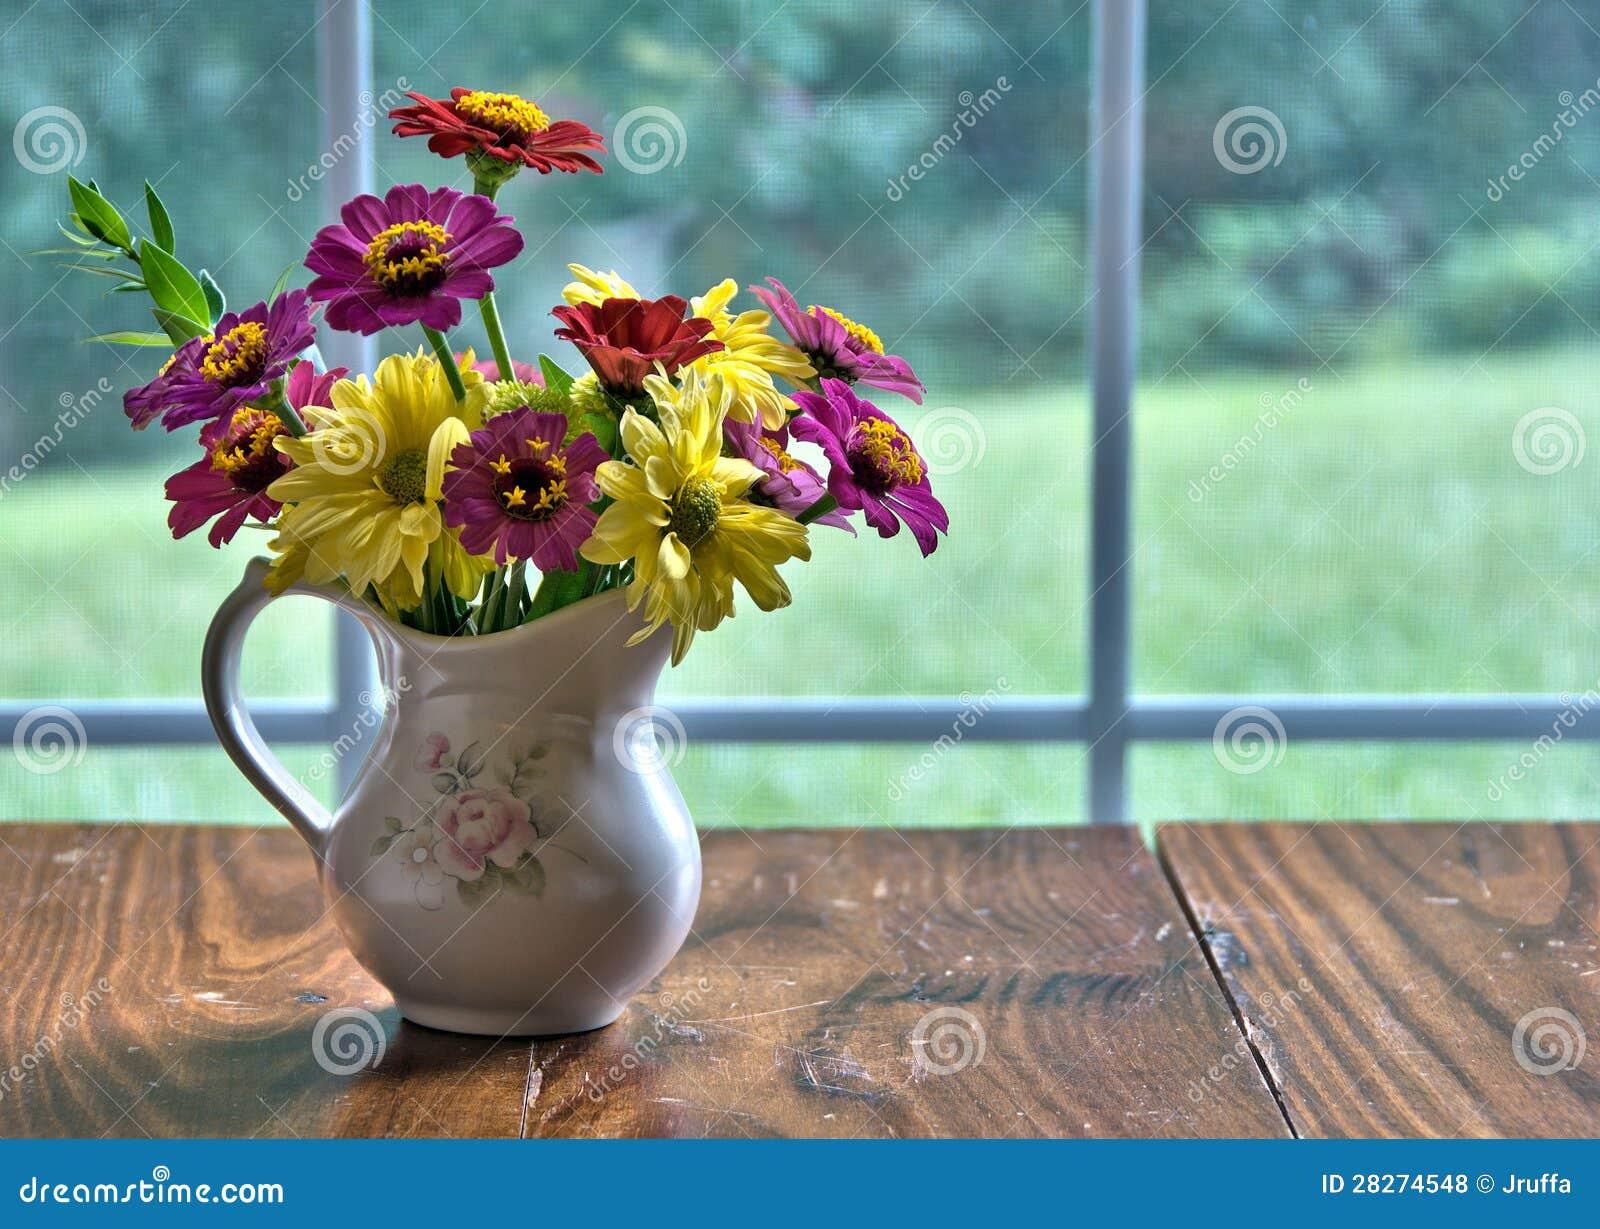 Vase of freshly cut flowers stock photo image of rustic vase of freshly cut flowers reviewsmspy